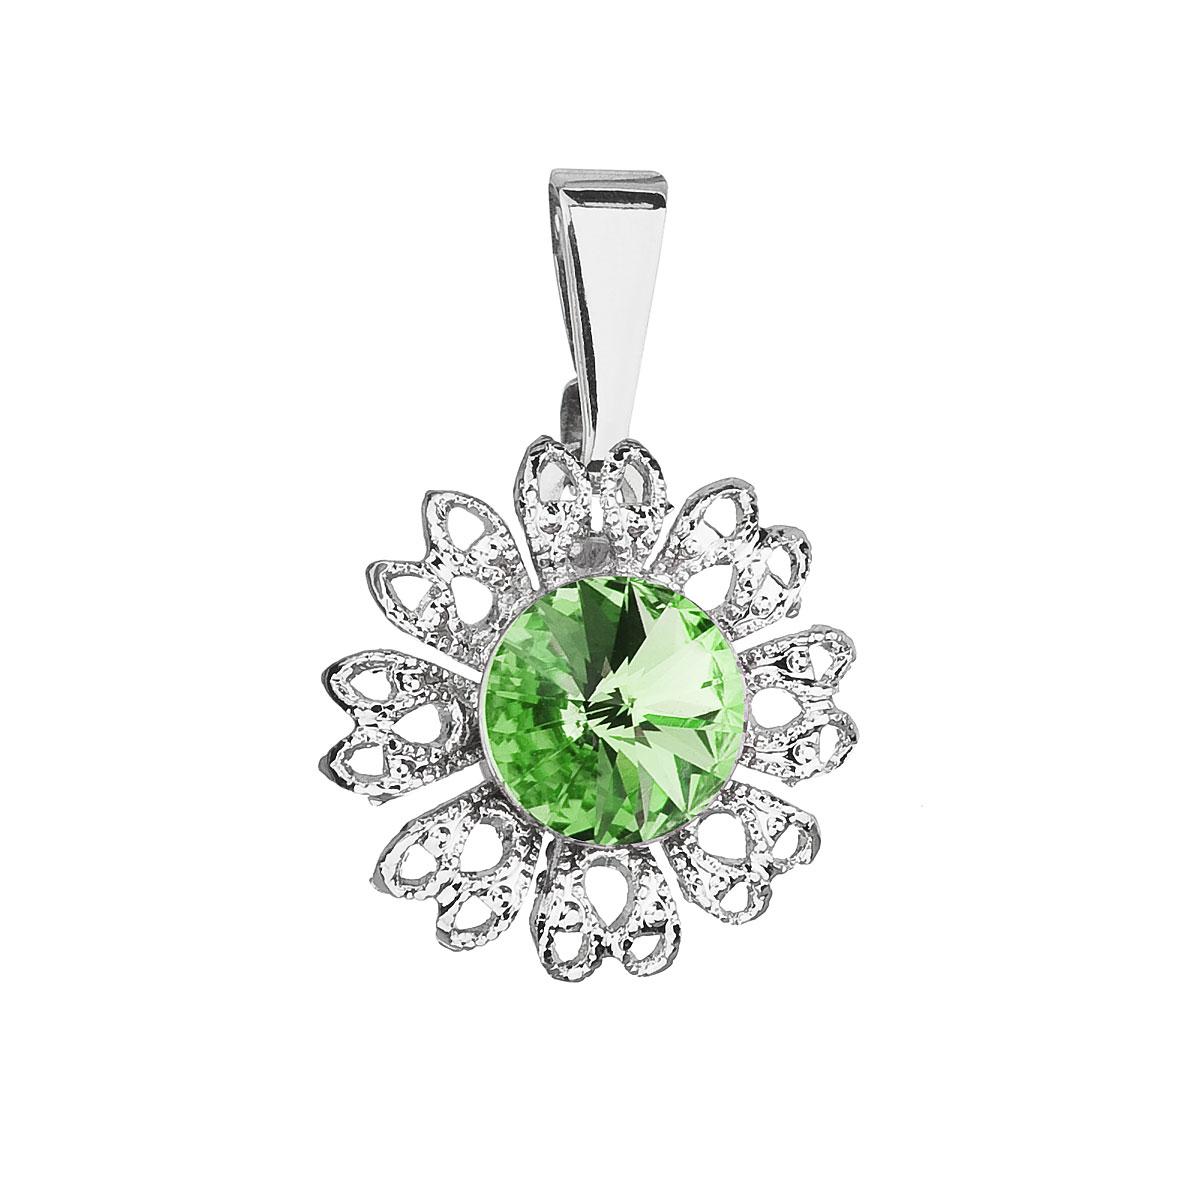 Evolution Group Přívěsek se Swarovski krystaly zelená kytička 54032.3